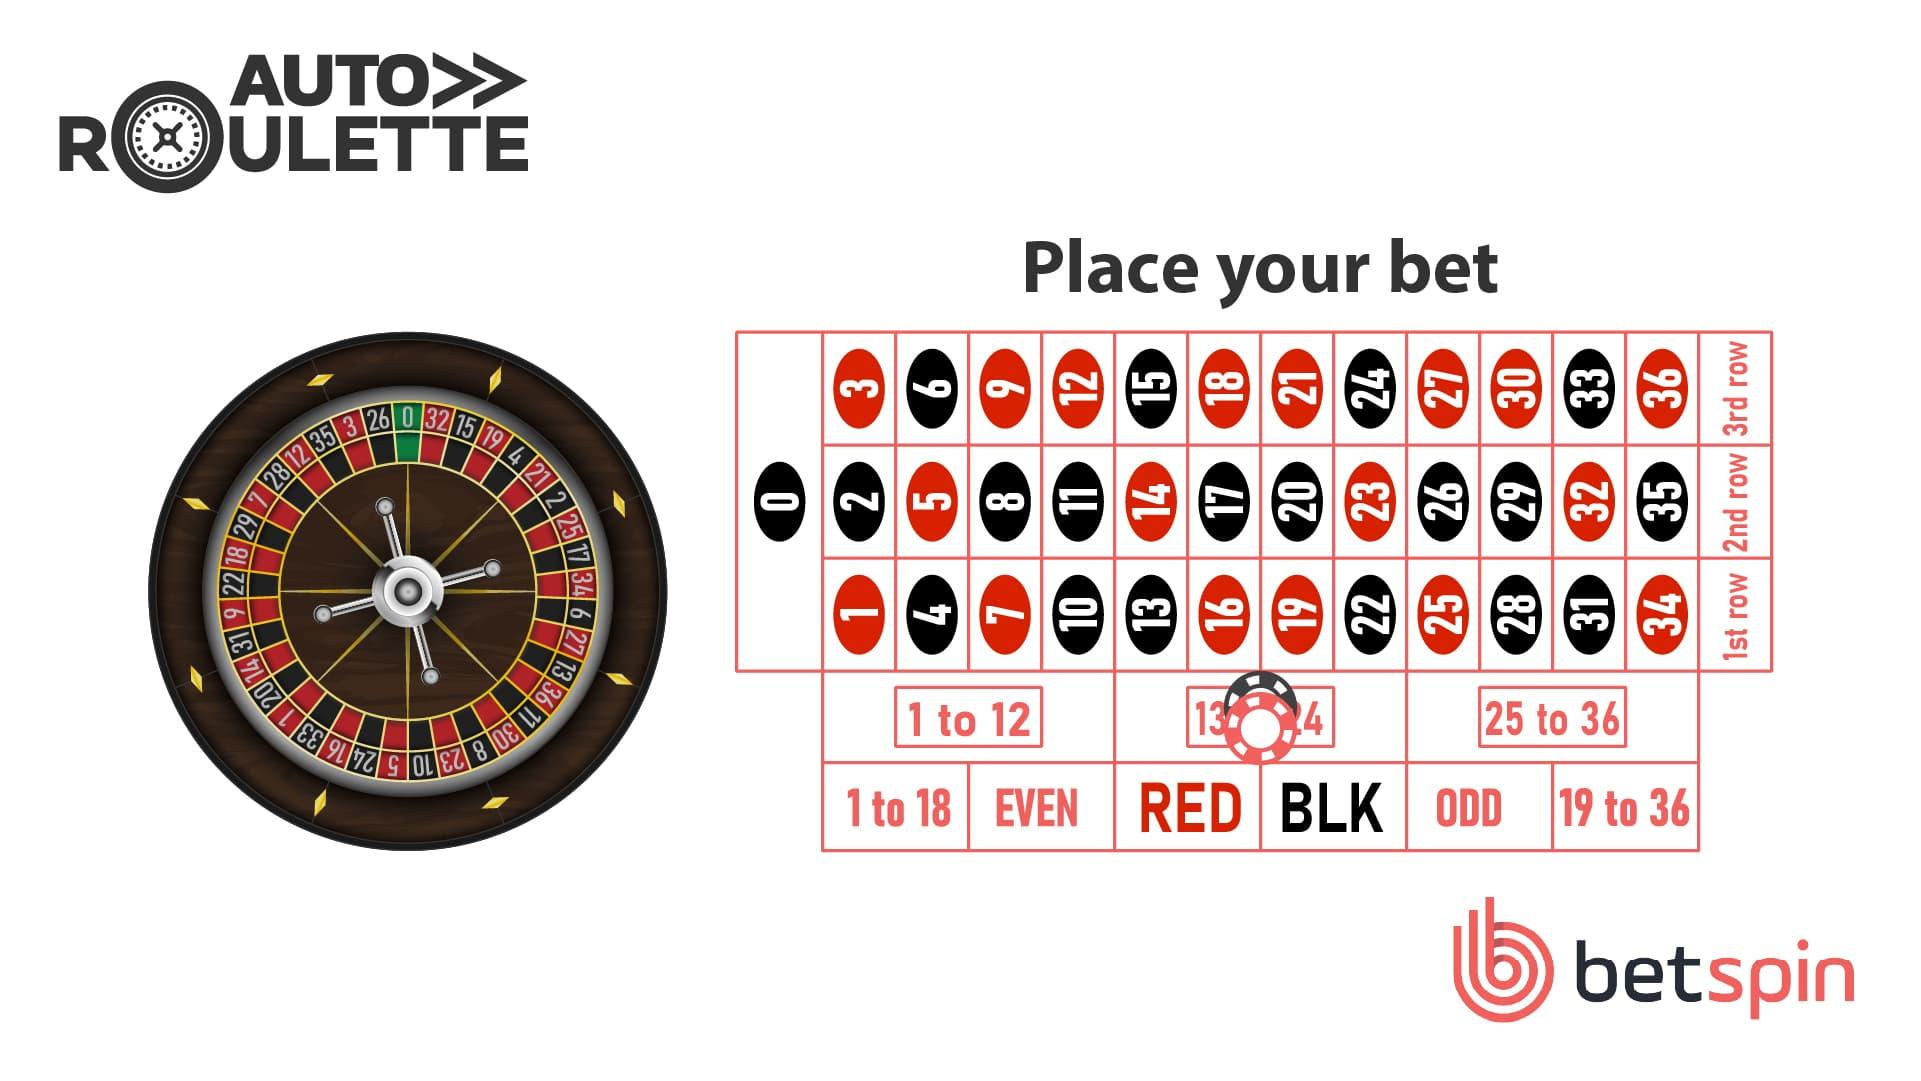 Auto Roulette Step 2